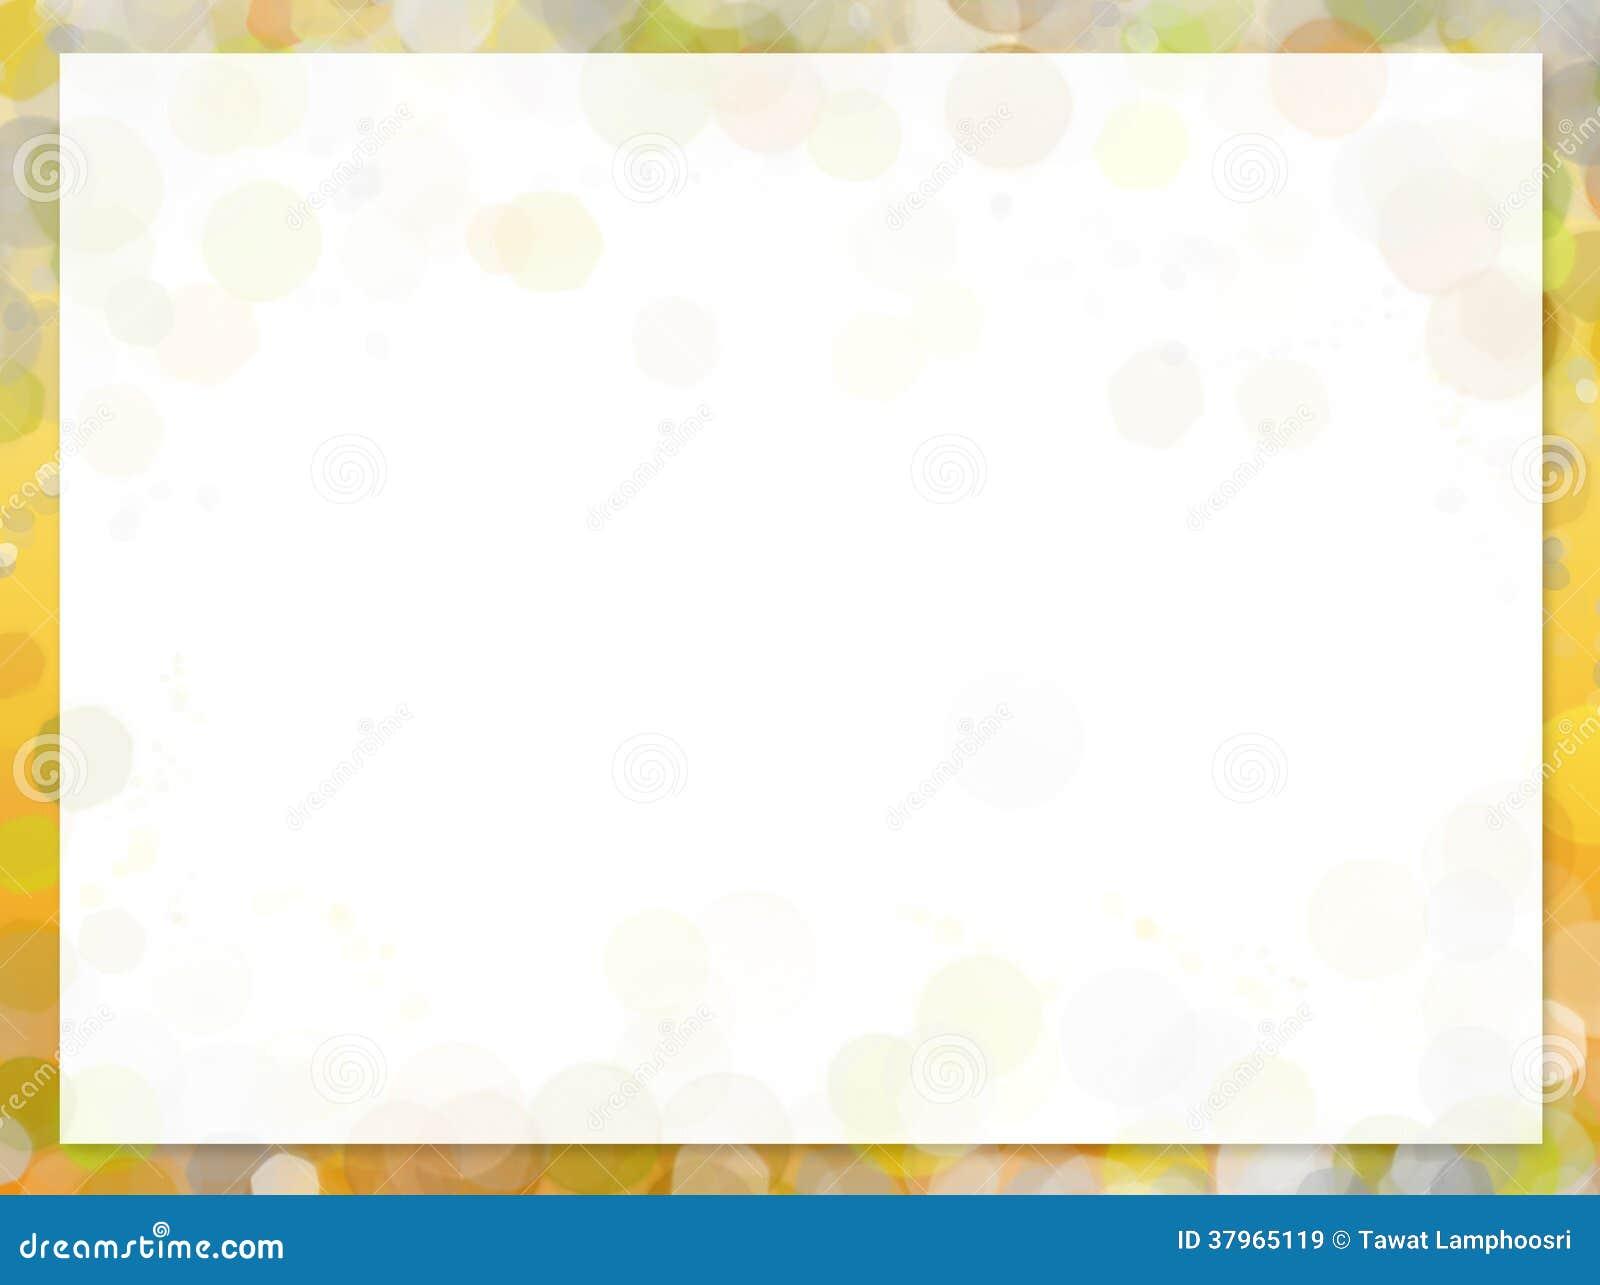 Gelber Rahmen Mit Unschärfe Bokeh Stock Abbildung - Illustration von ...